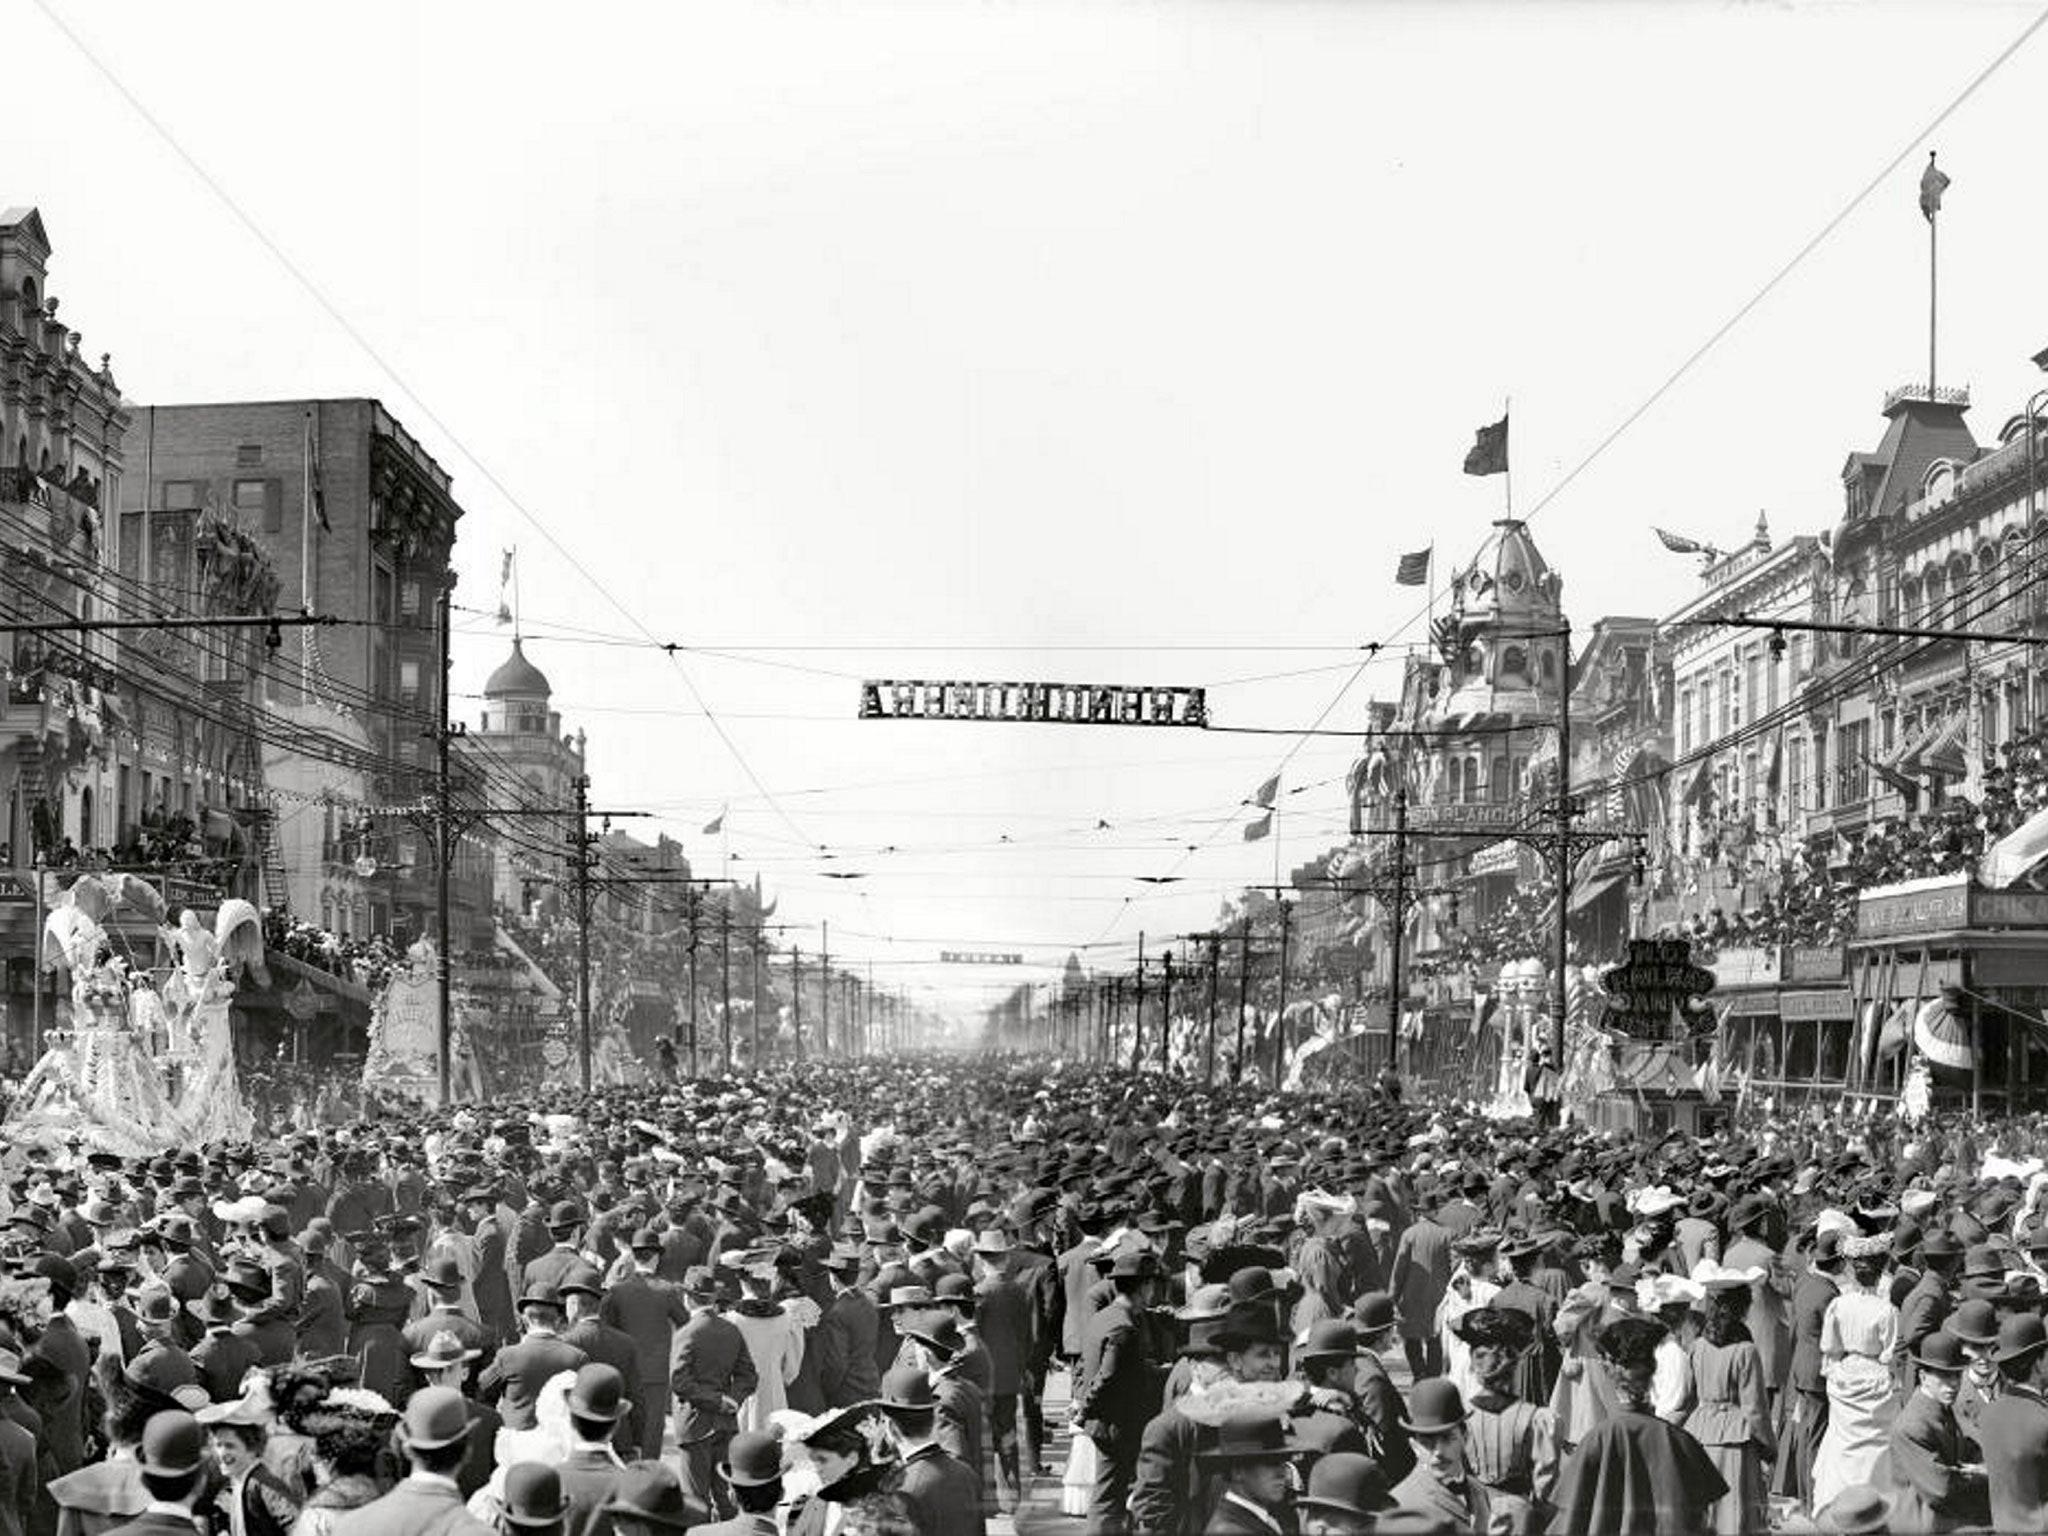 Vintage Mardi Gras Photos photo 7